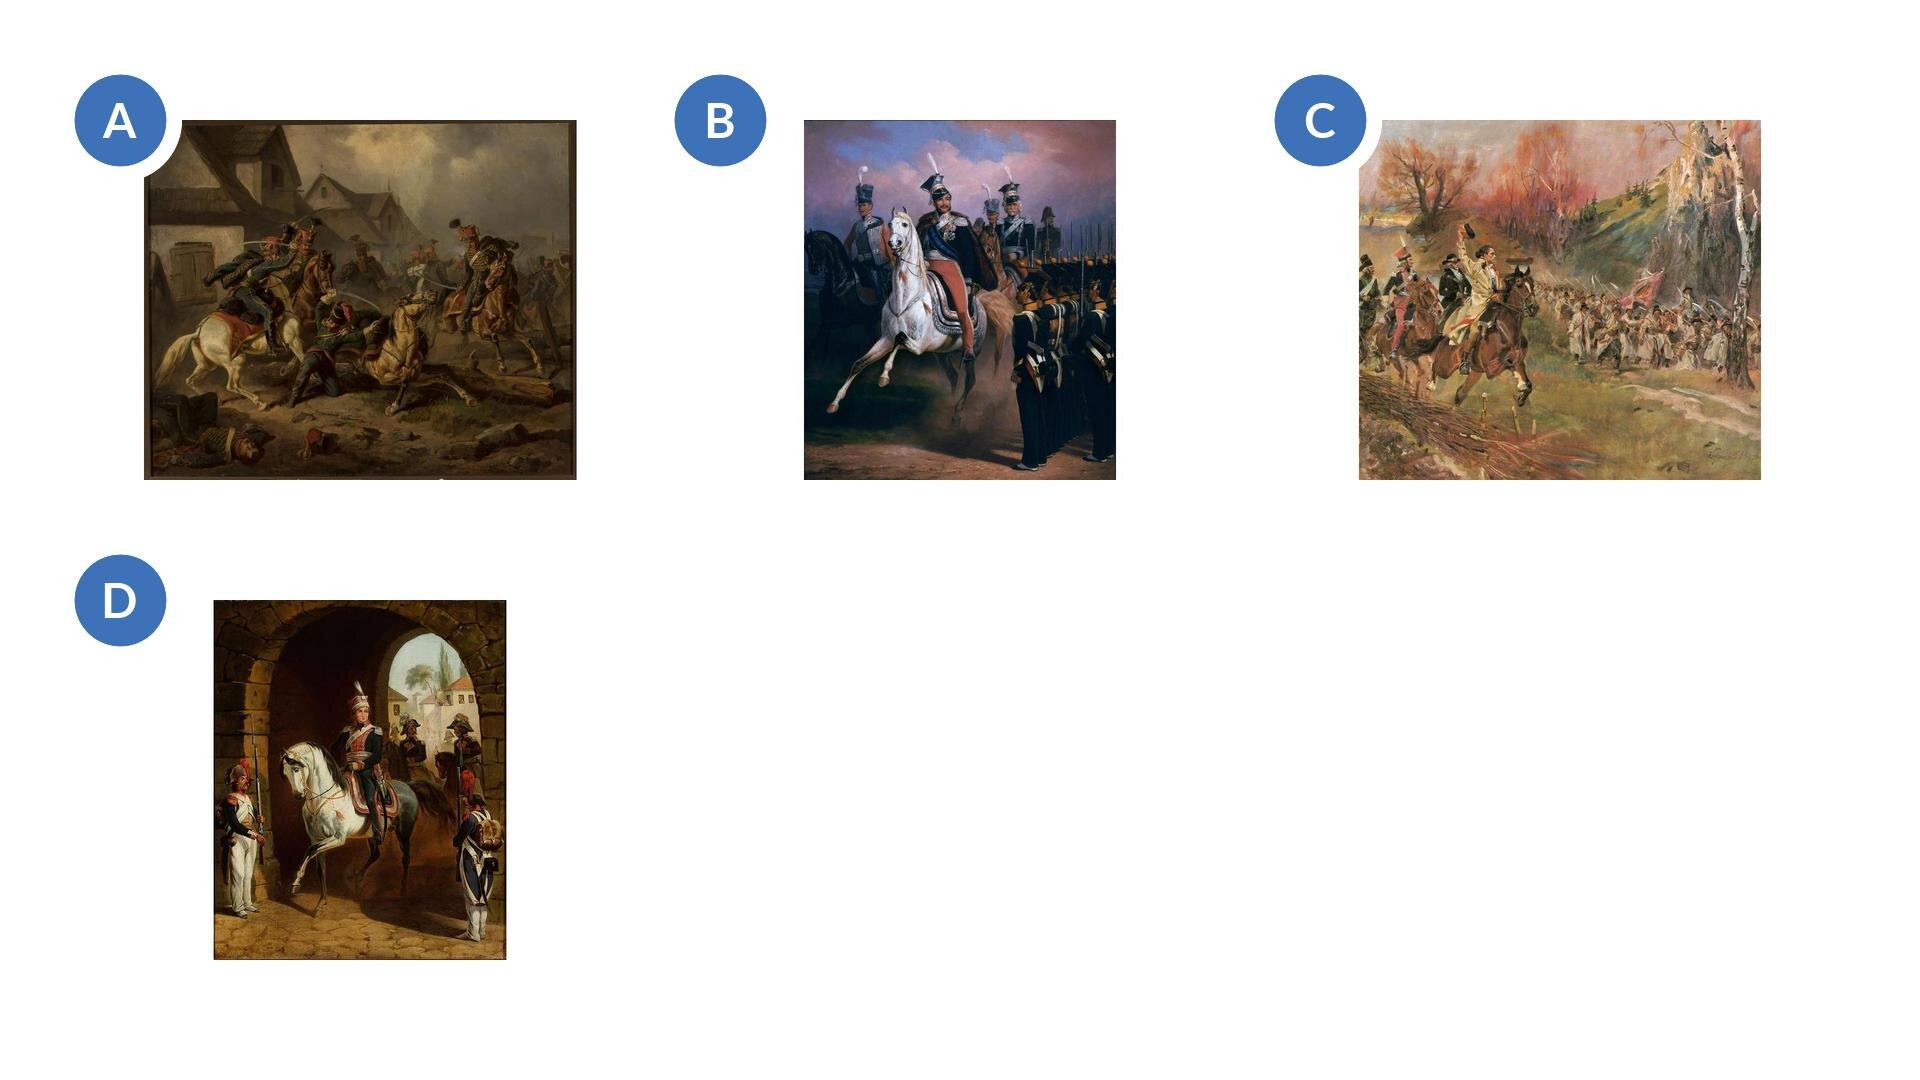 Wzadaniu wykorzystano dzieła, które przedstawiają: bitwę, mężczyźni mają szable iporuszają się konno; ukazujący Tadeusza Kościuszkę zkosynierami, mężczyźni jadą konno; ukazujący Jana Henryka Dąbrowskiego, mężczyzna siedzi na białym koniu; ukazujący bitwę, mężczyźni mają szable iporuszają się konno.